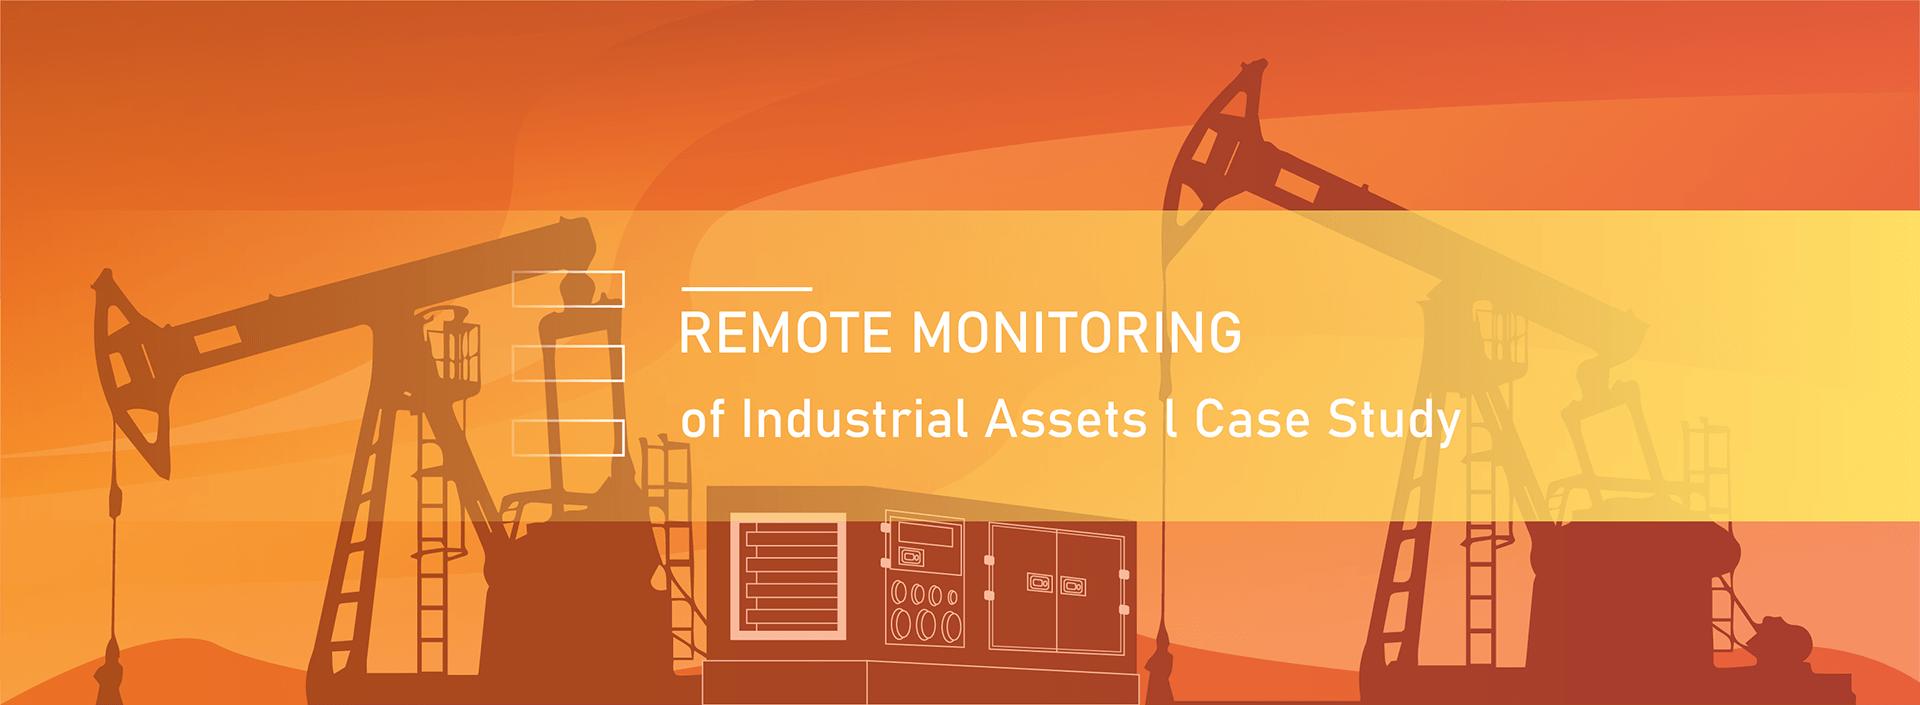 ongc_case study_asset monitoring_datoms_iot_platform